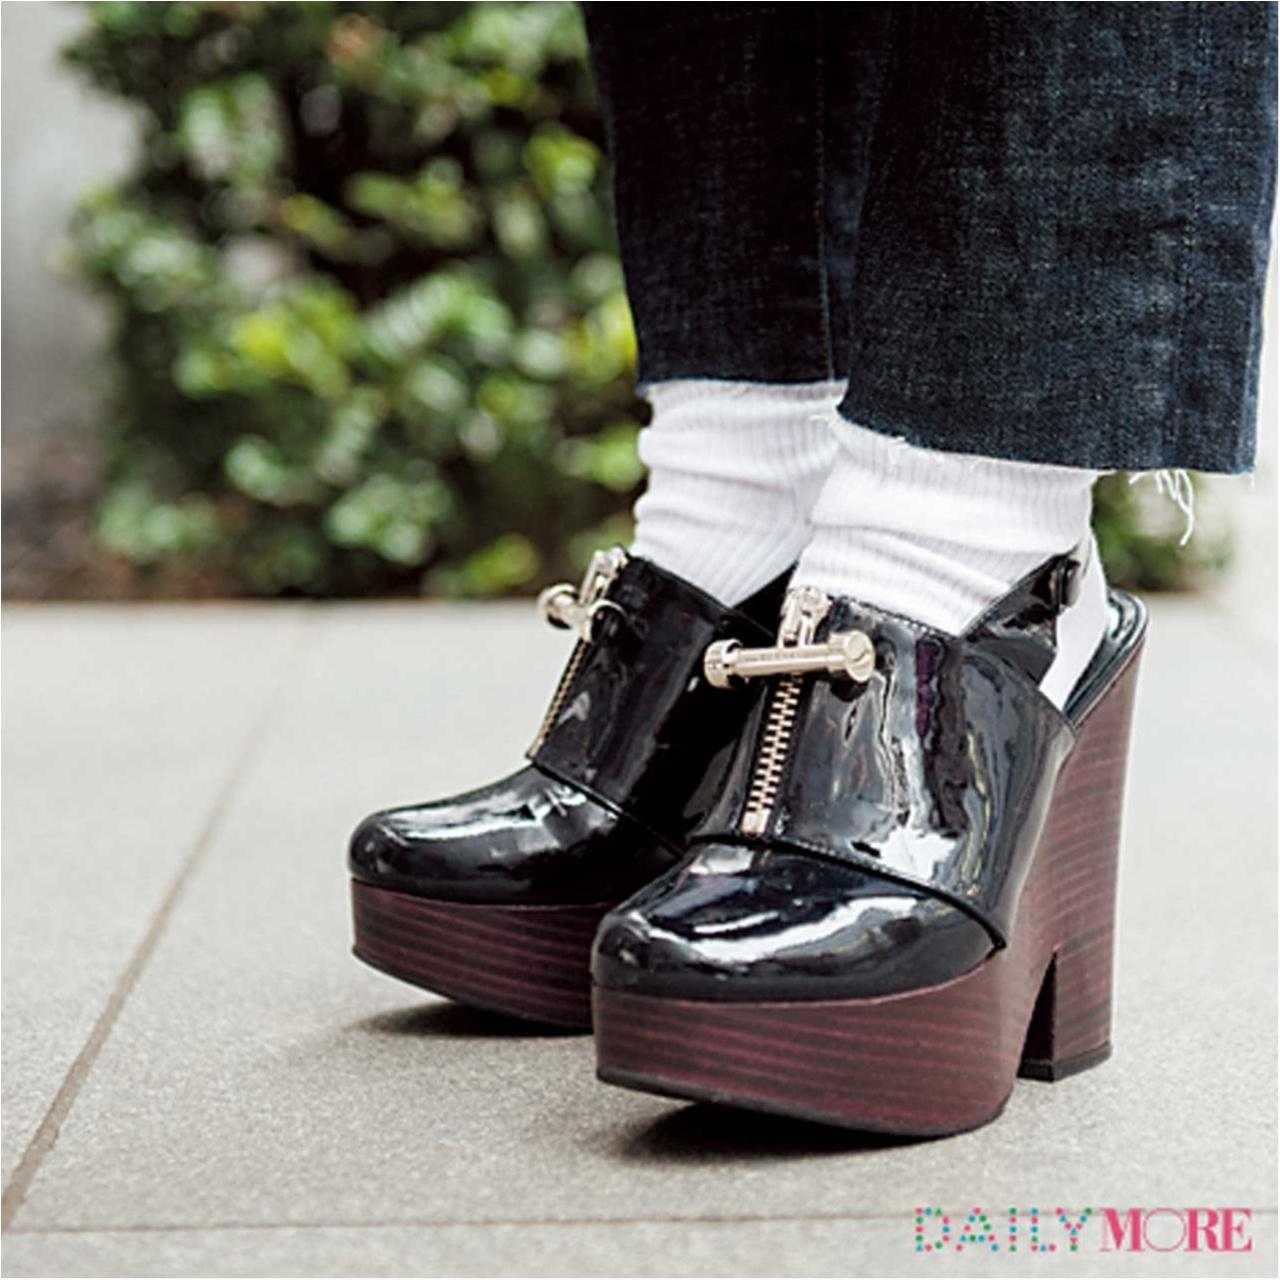 おしゃれさんは何はいてるの?足もと上手さんの靴下の選び方&はき方(1)_4